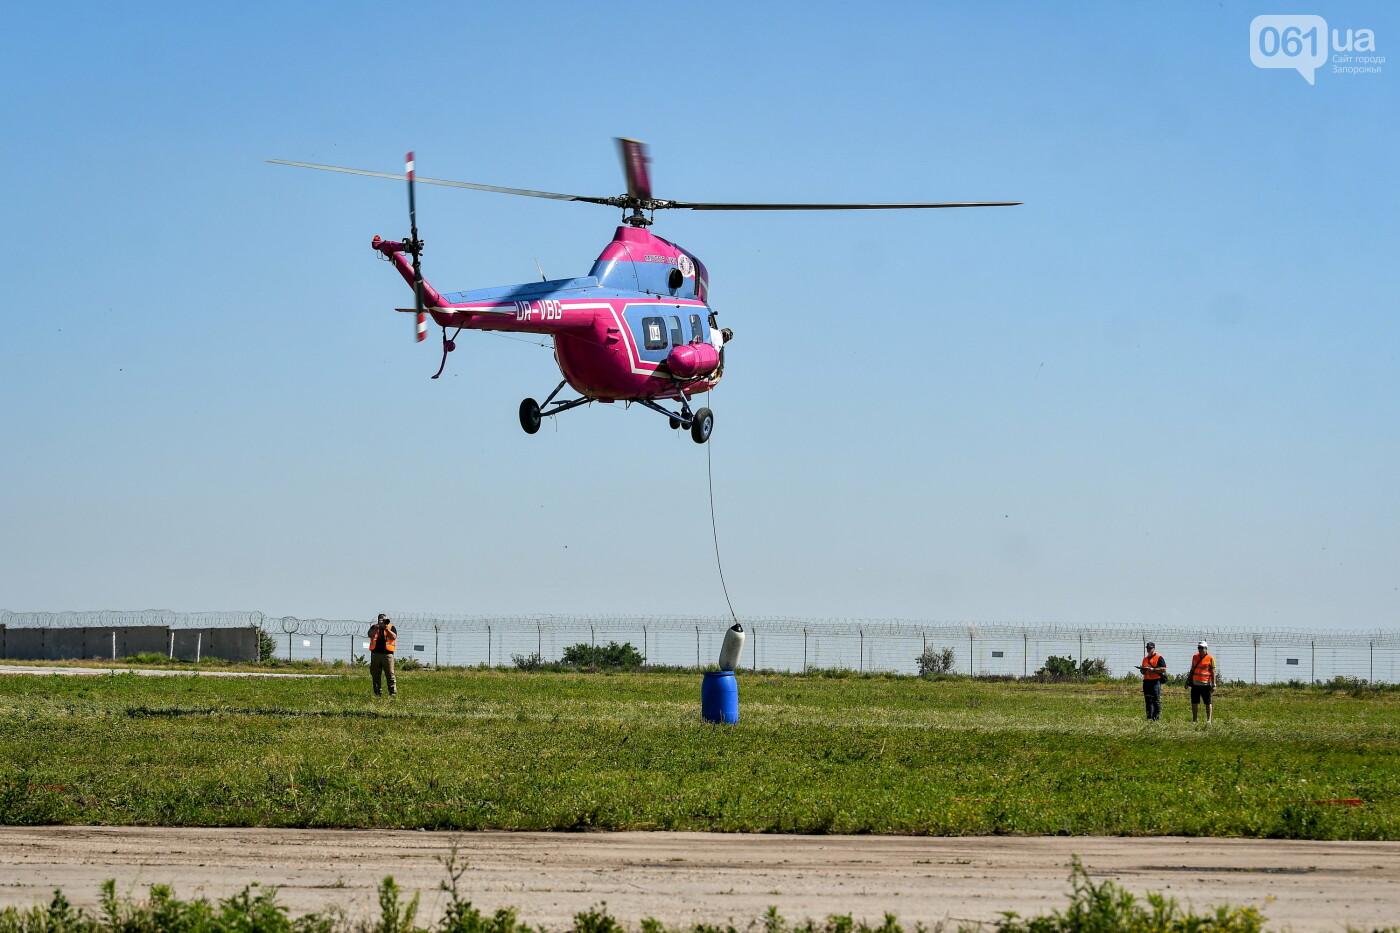 В Запорожье проходят соревнования по вертолетному спорту, - ФОТОРЕПОРТАЖ, фото-8